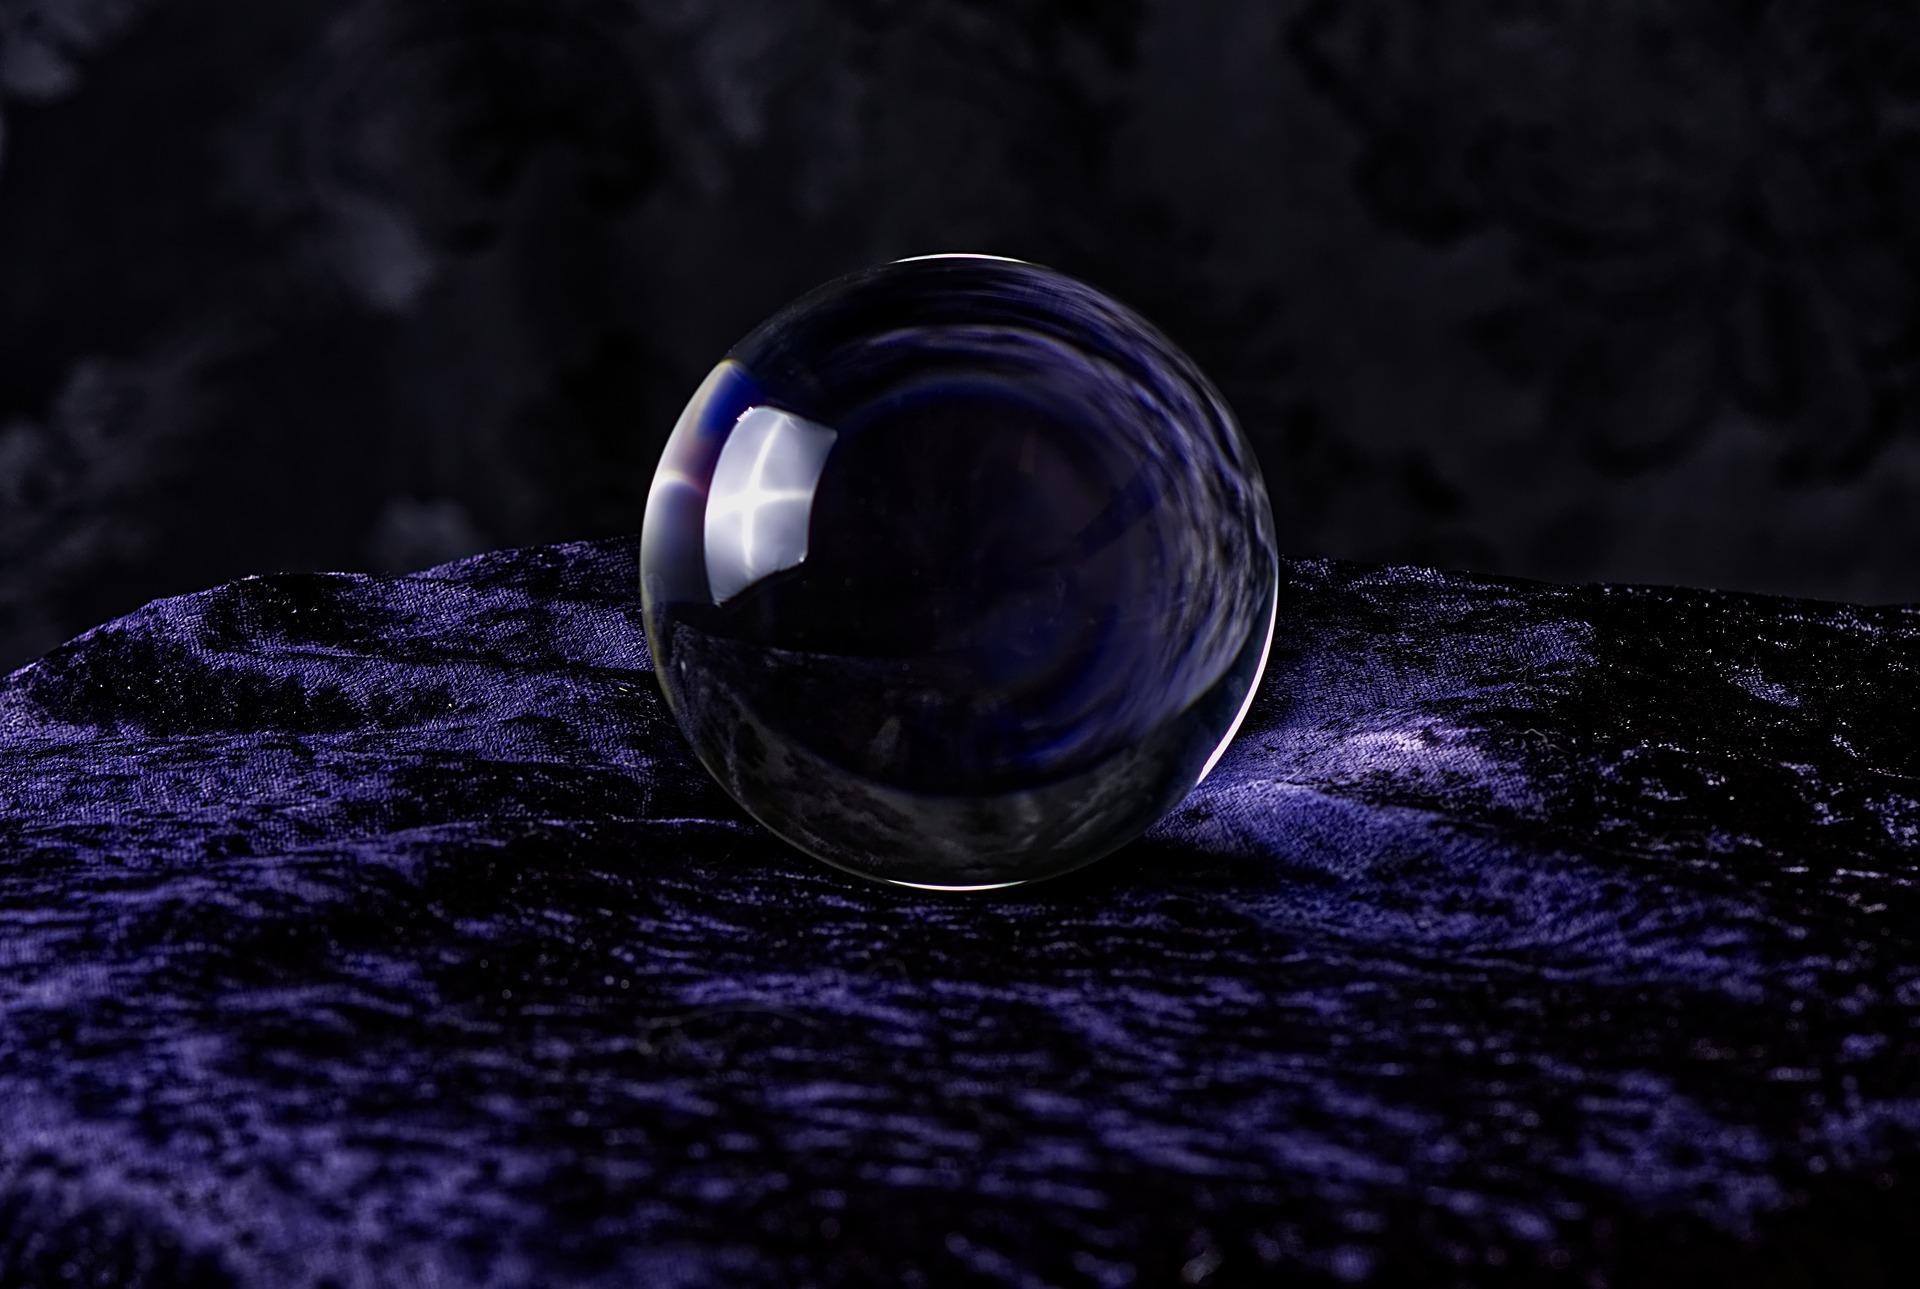 【本当に当たる?】水晶玉子の実力を徹底暴露「口コミは?」「対面鑑定は?」